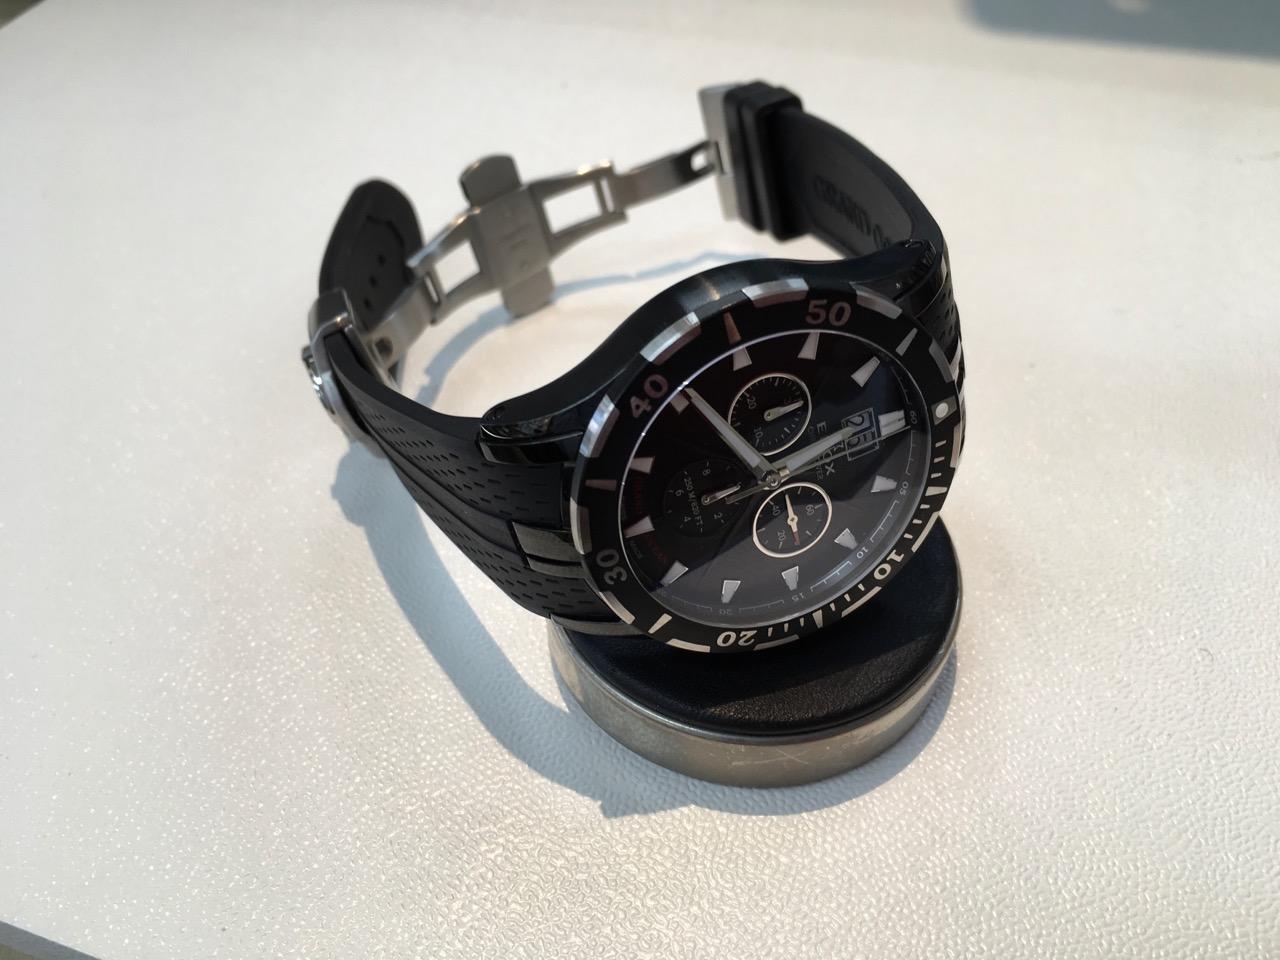 EDOX エドックス 腕時計 電池交換 山梨県 都留市